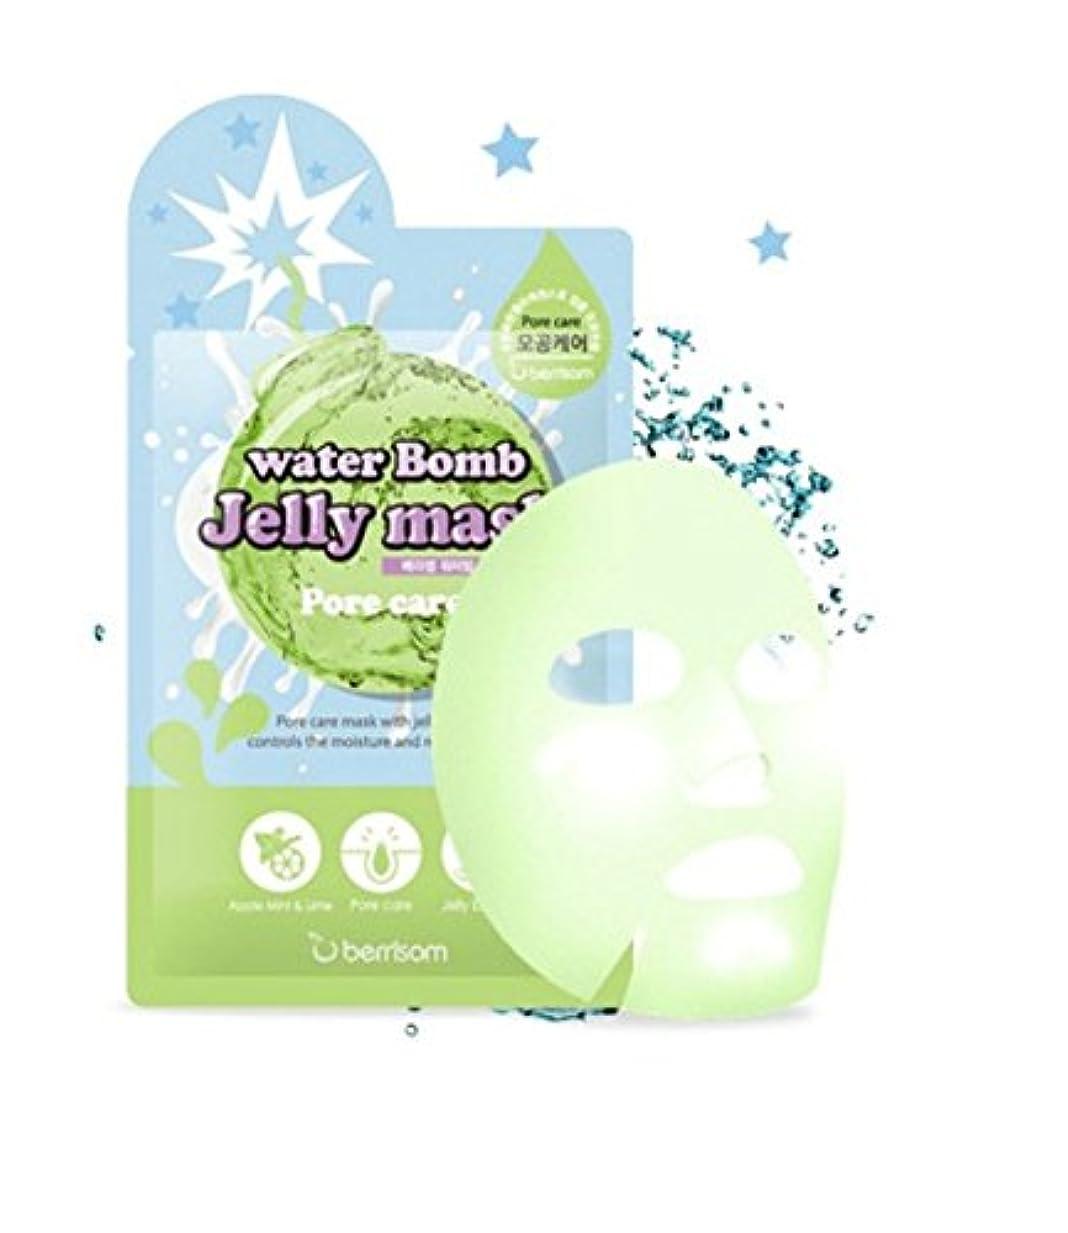 層マラドロイト封筒ベリサム(berrisom) ウォーター爆弾ジェリーマスクパック Water Bomb Jelly Mask #毛穴ケアー